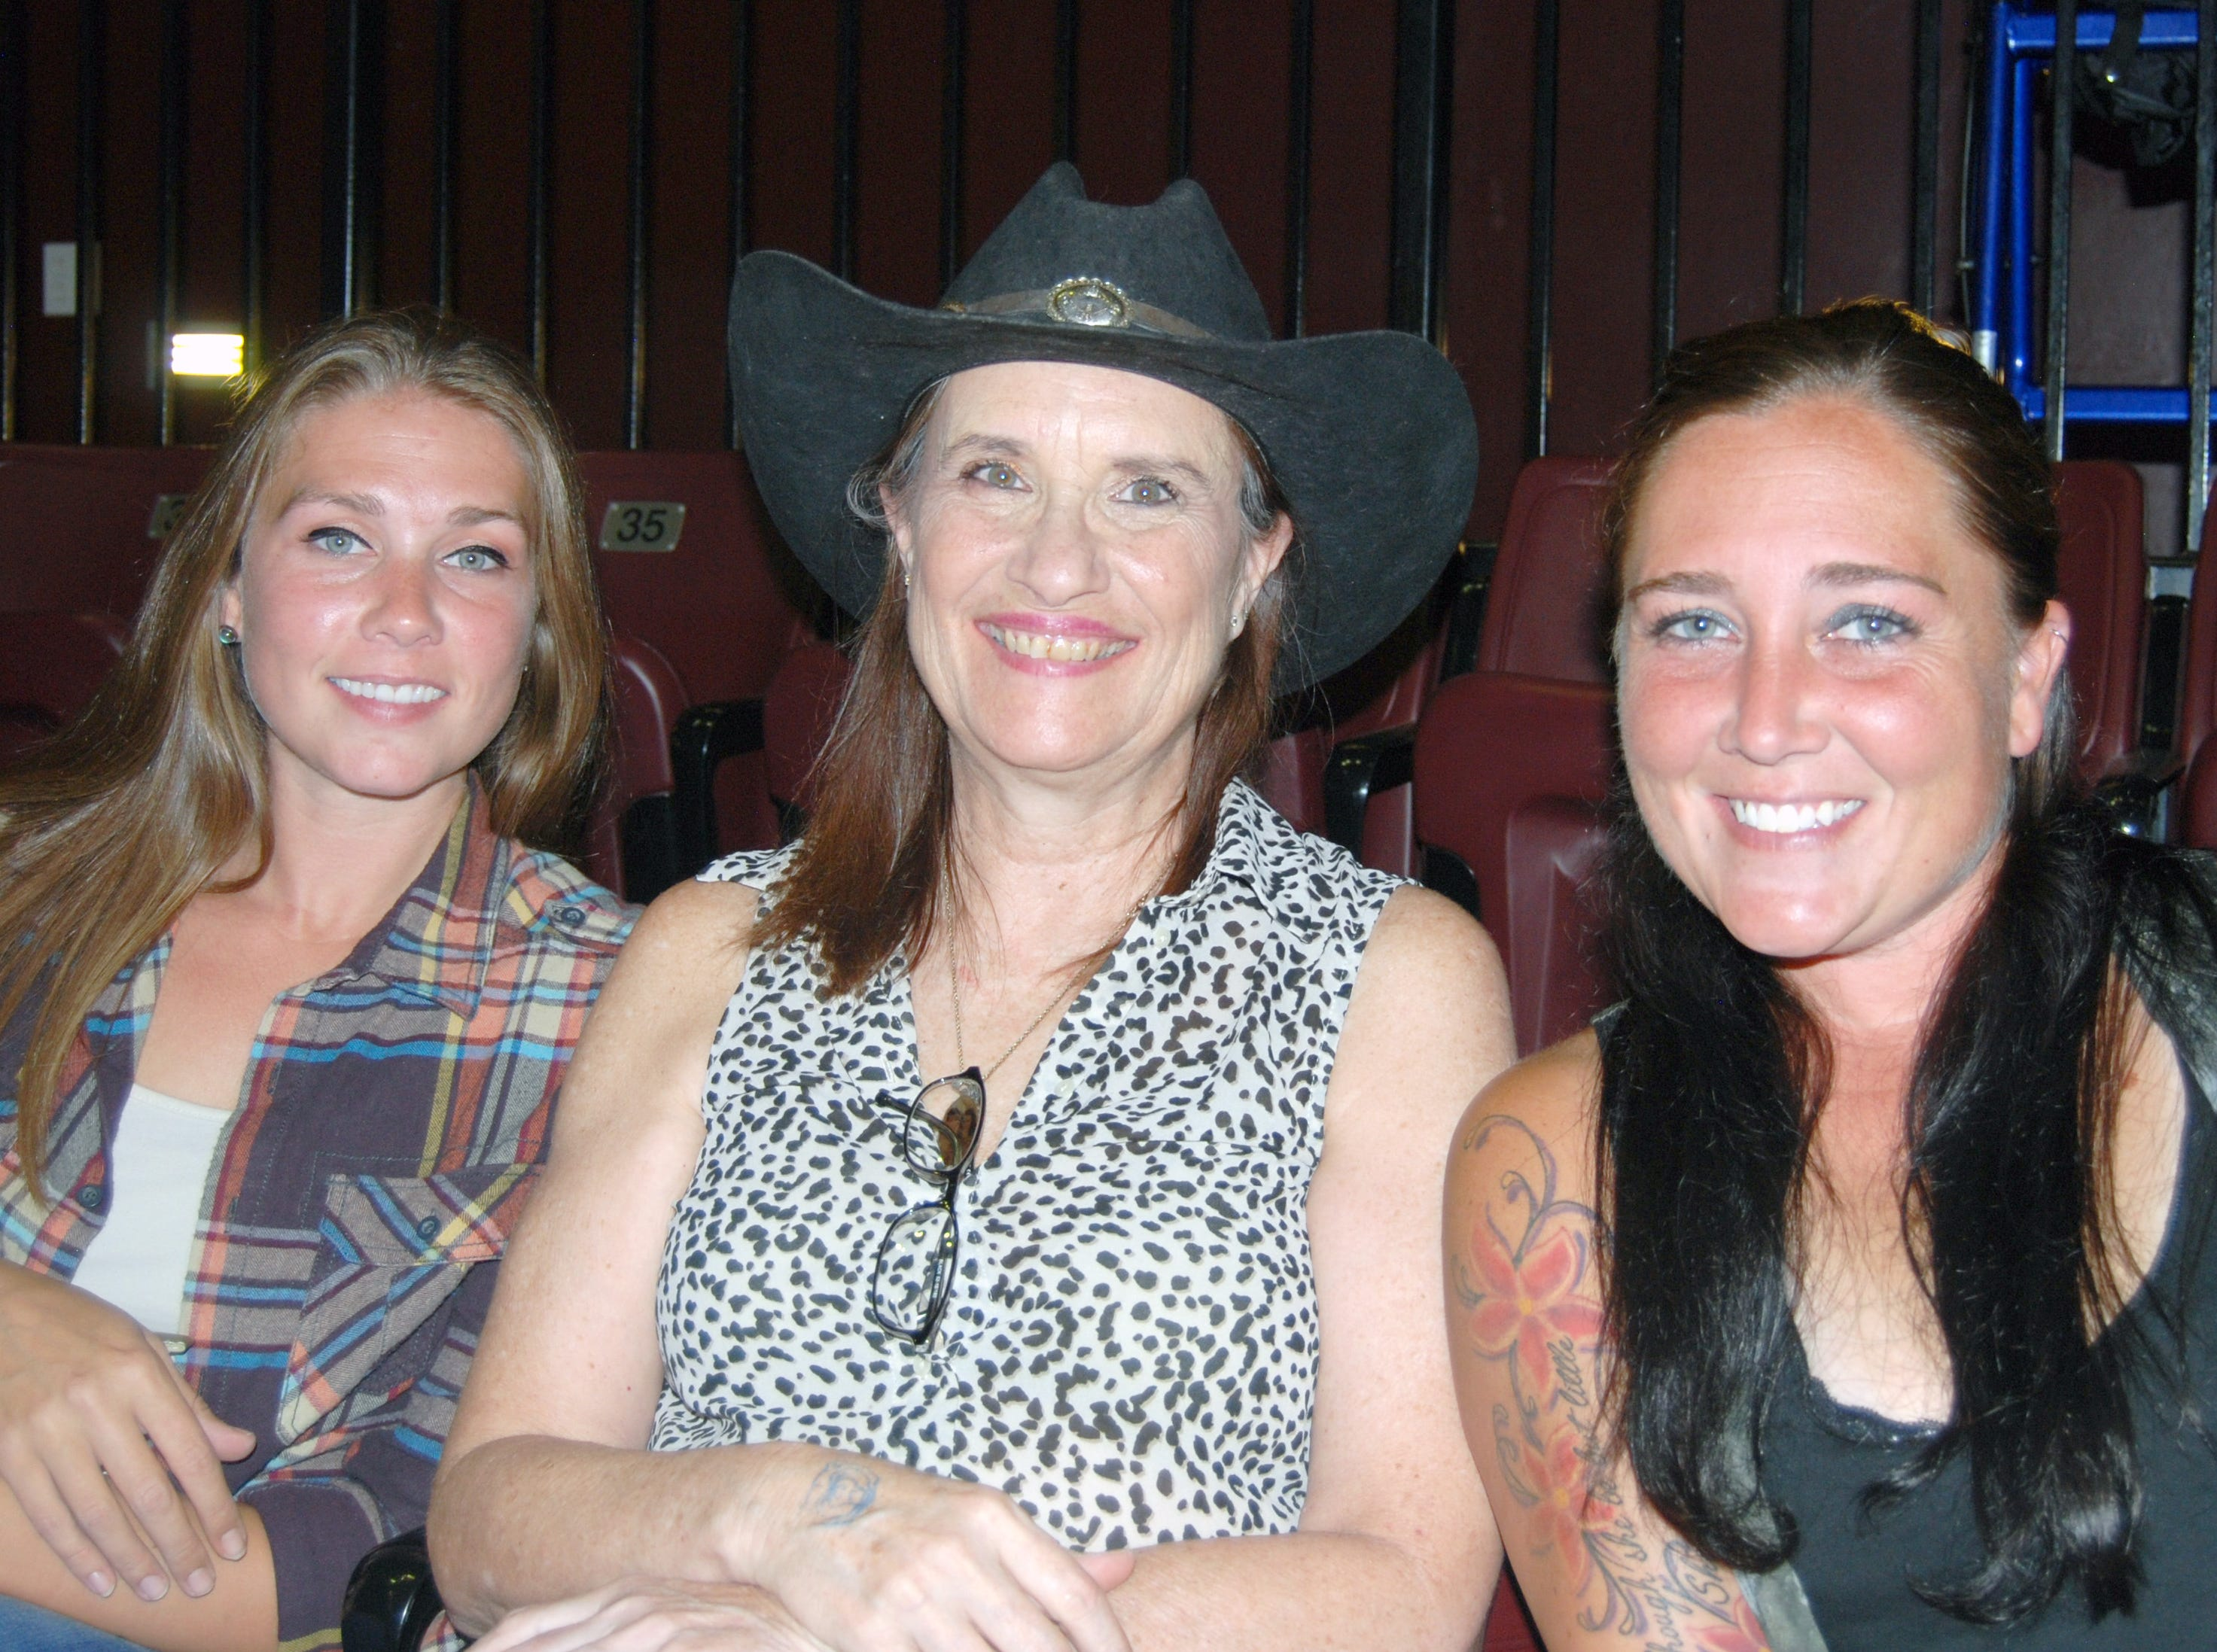 Kim Drew, Charlene Smith and Christie Drew